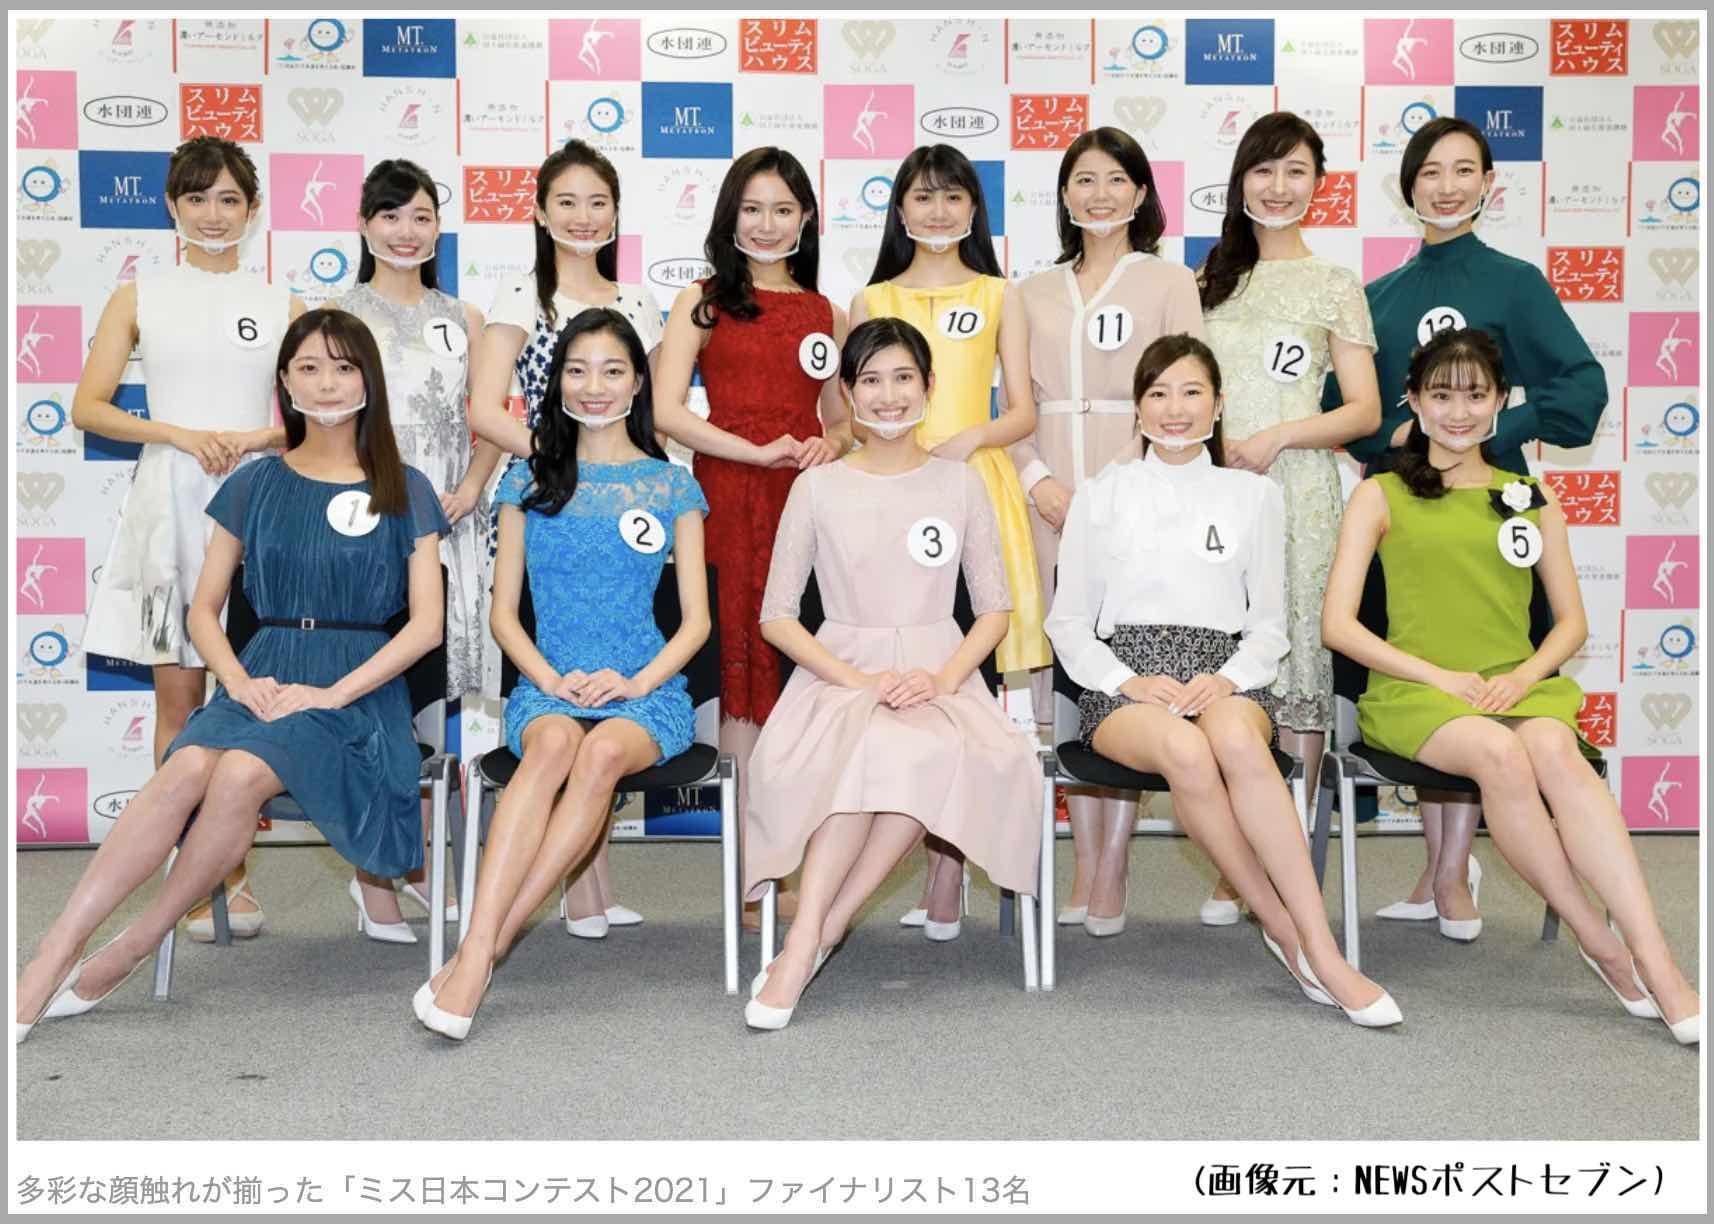 53回ミス日本コンテスト2021のファイナリストたち